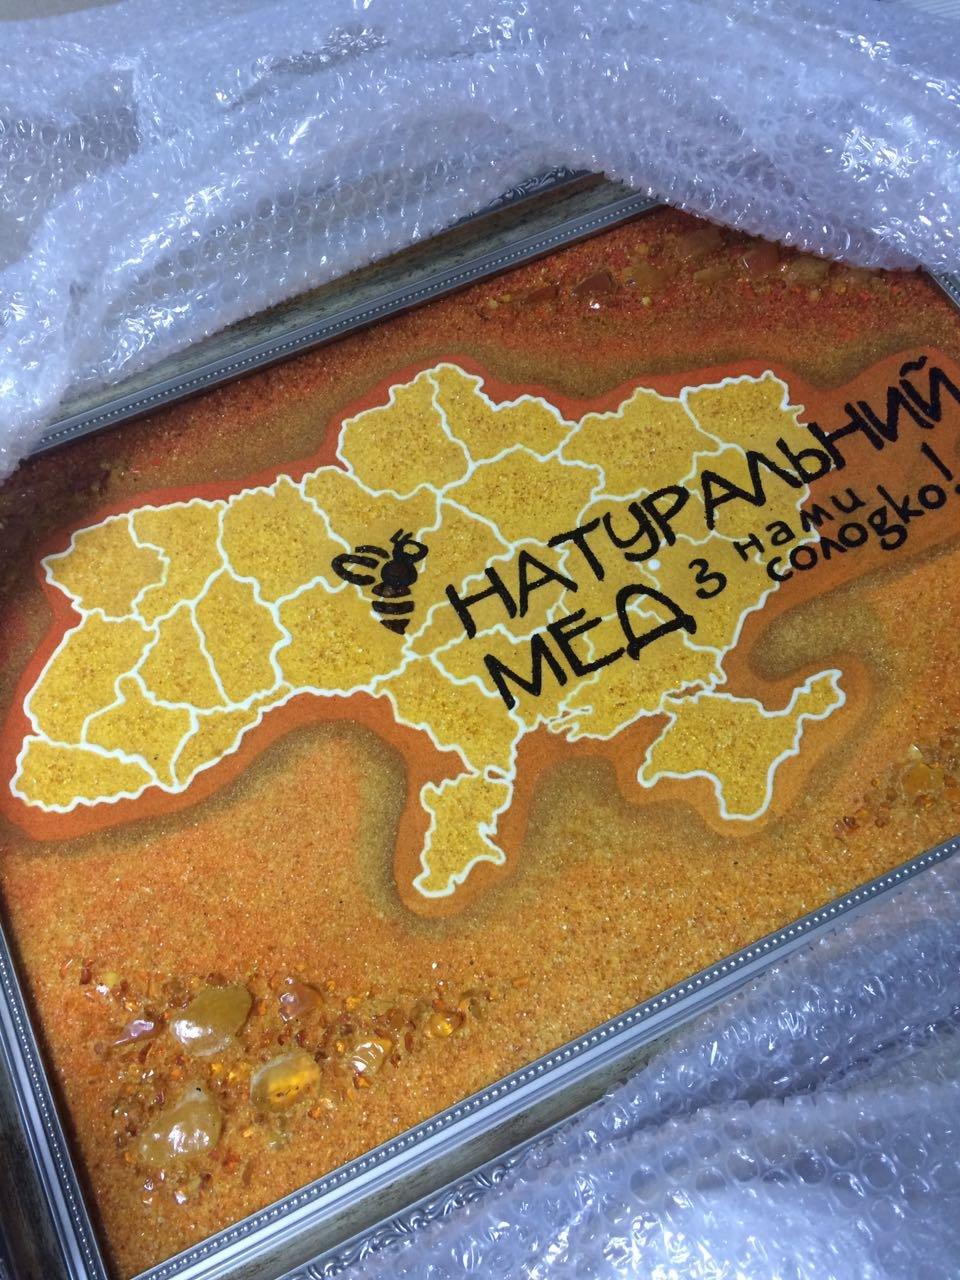 Интернет-магазин Янтарная Долина - Логотип из янтаря